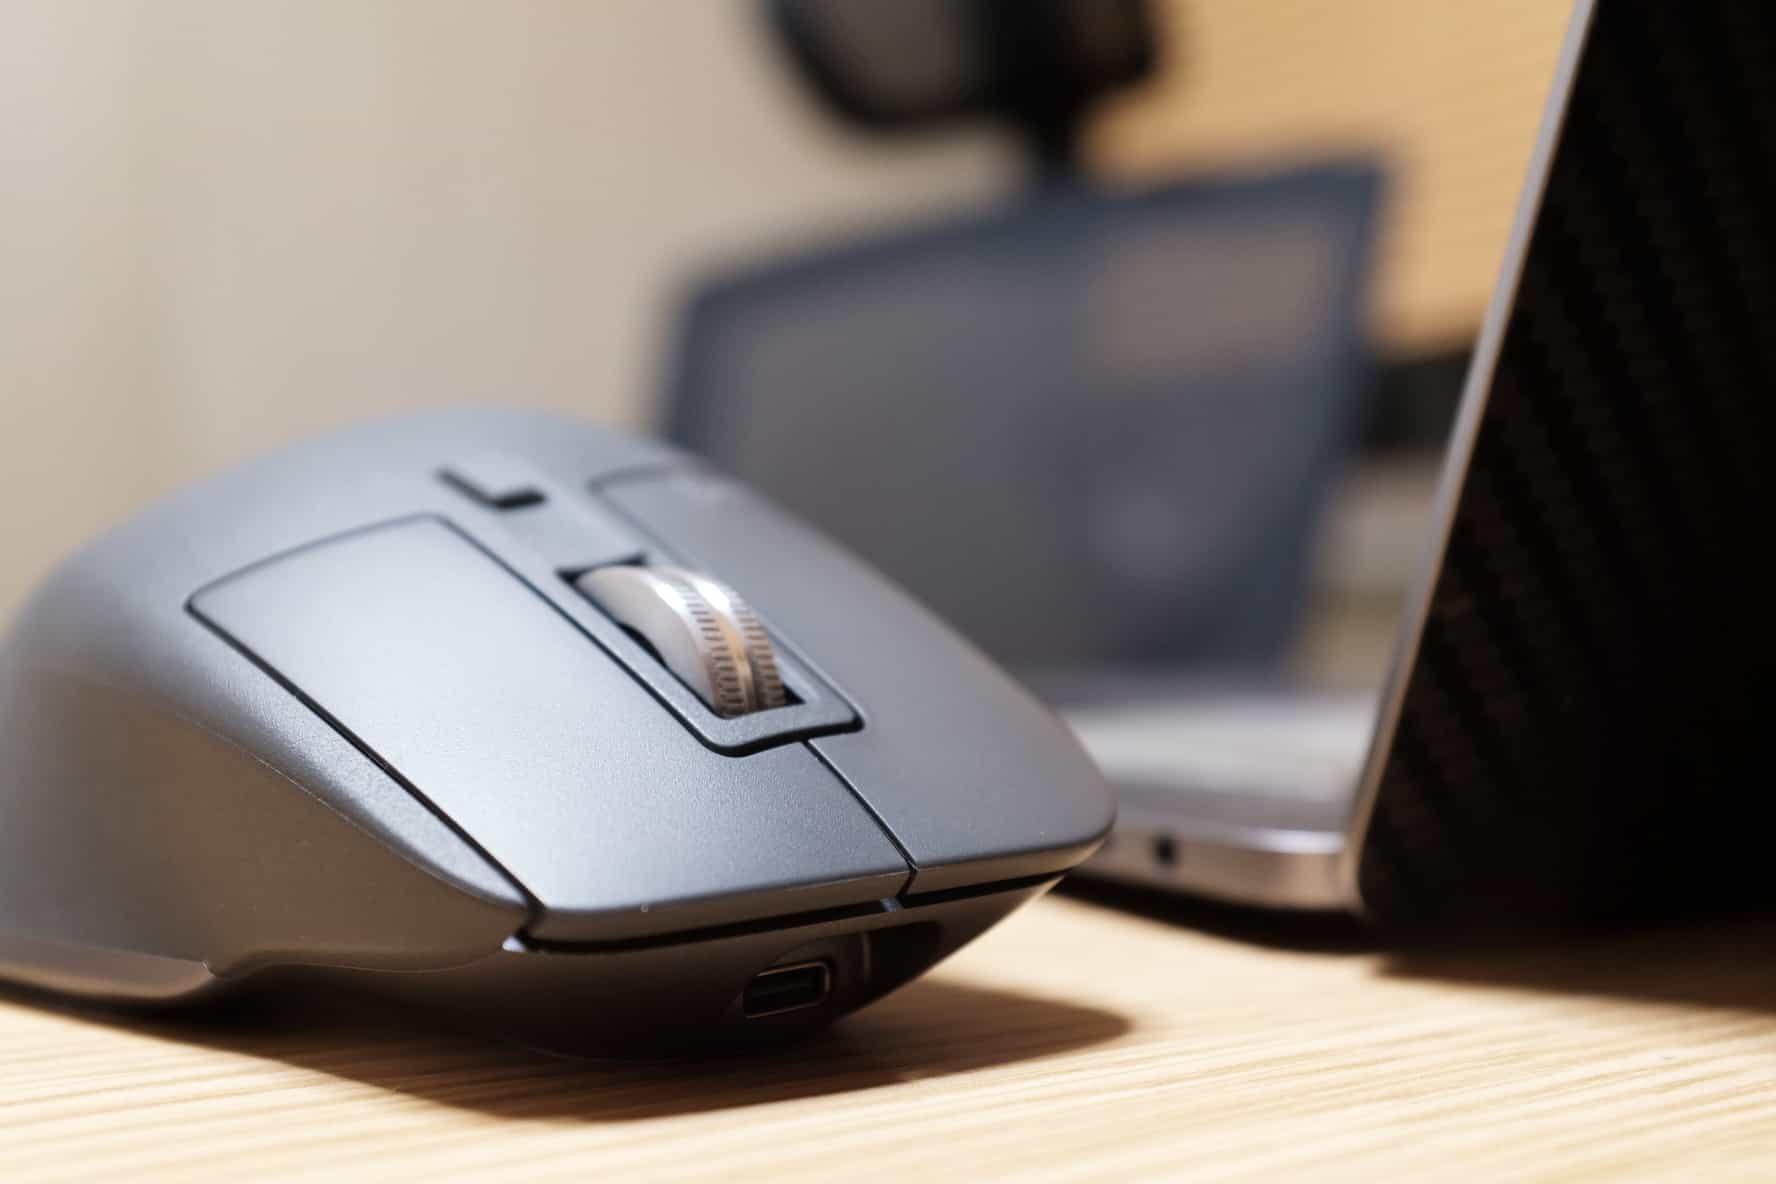 MacBook Pro.Bluetoothマウス